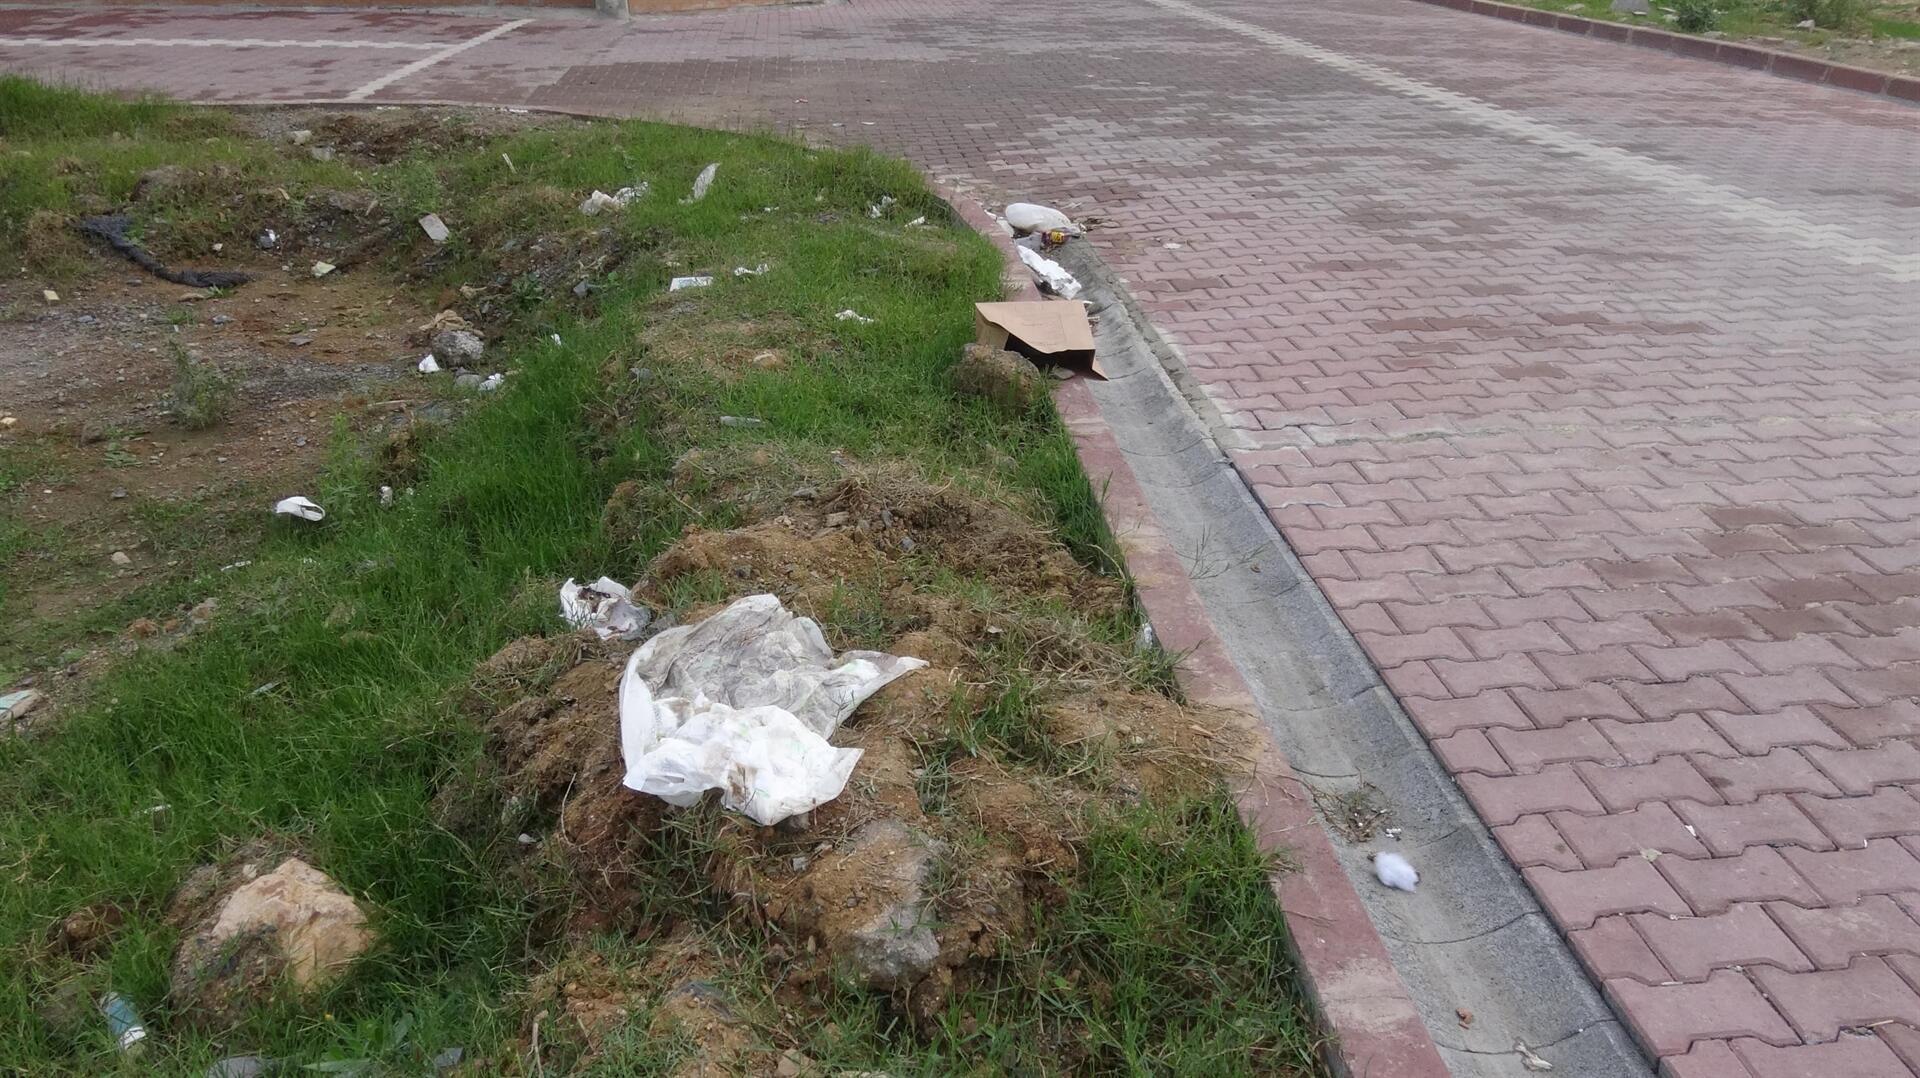 Toprağı kazarak oyun oynayan çocuklar buldu: Korkunç olay